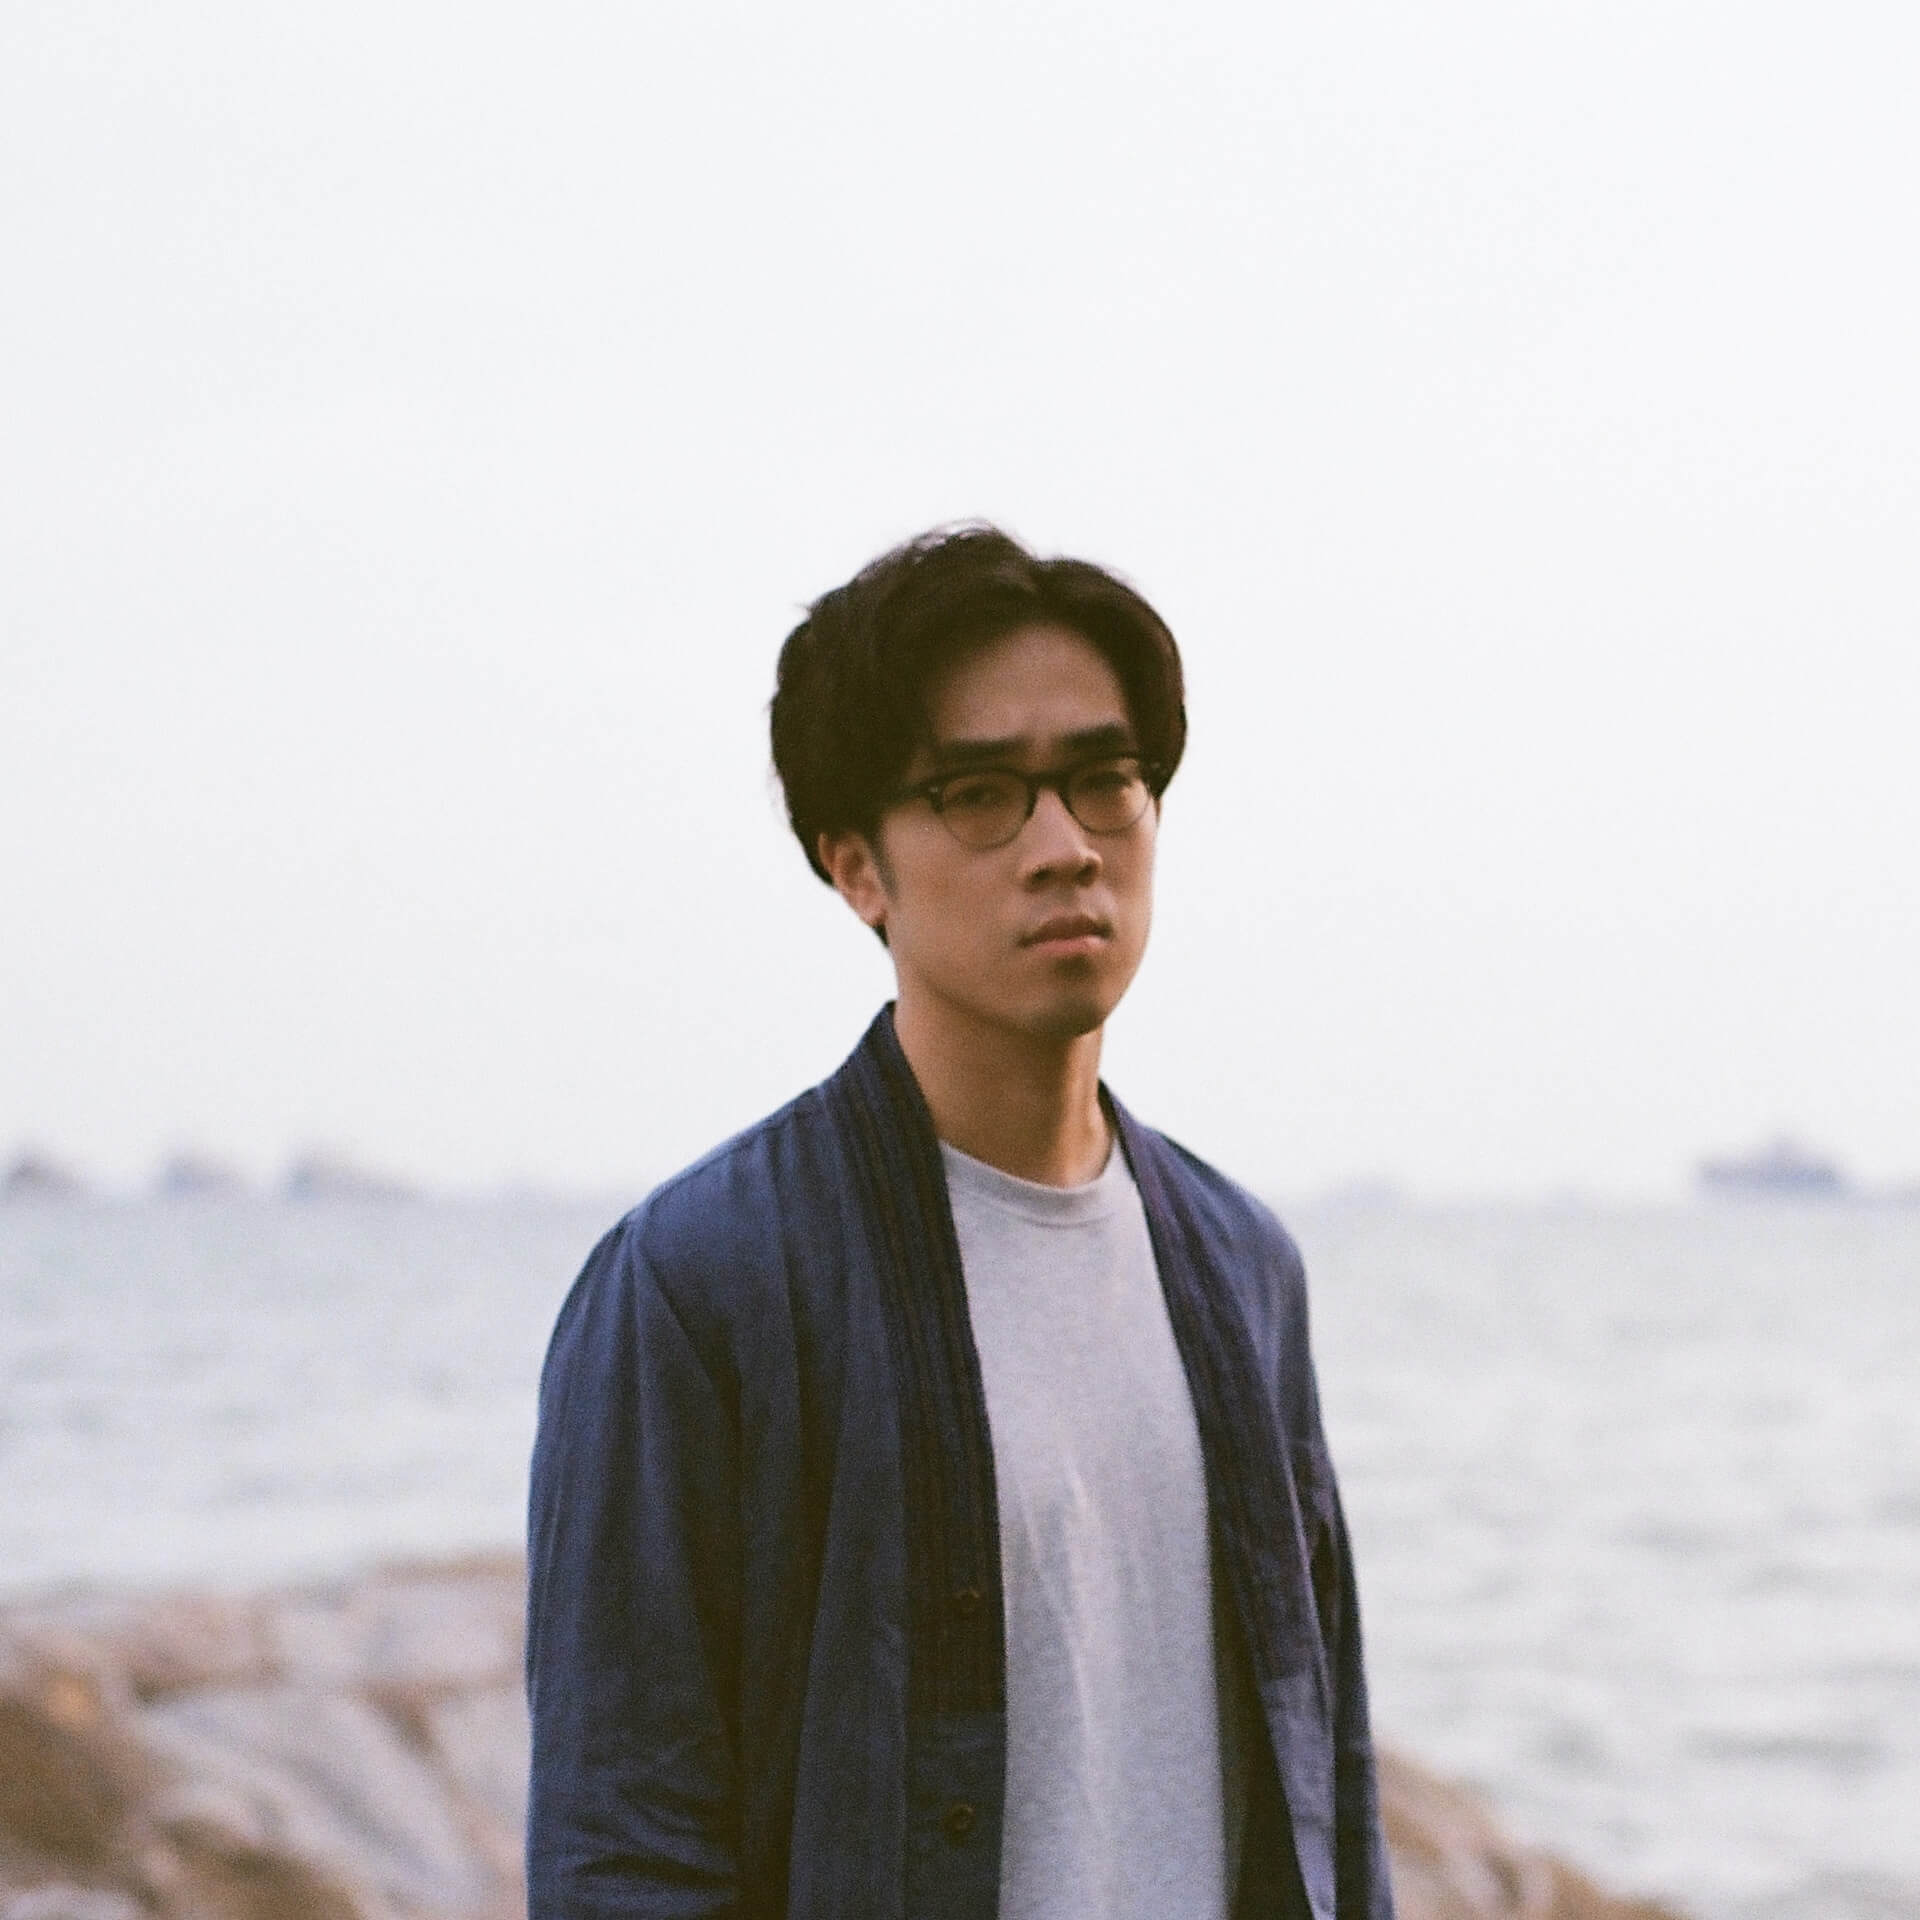 """WONK『EYES』リミックスシリーズ第4弾""""Filament - Charlie Lim Remix""""が本日リリース!どんぐりずとの2マンも music210721_wonk_charlielim_2"""